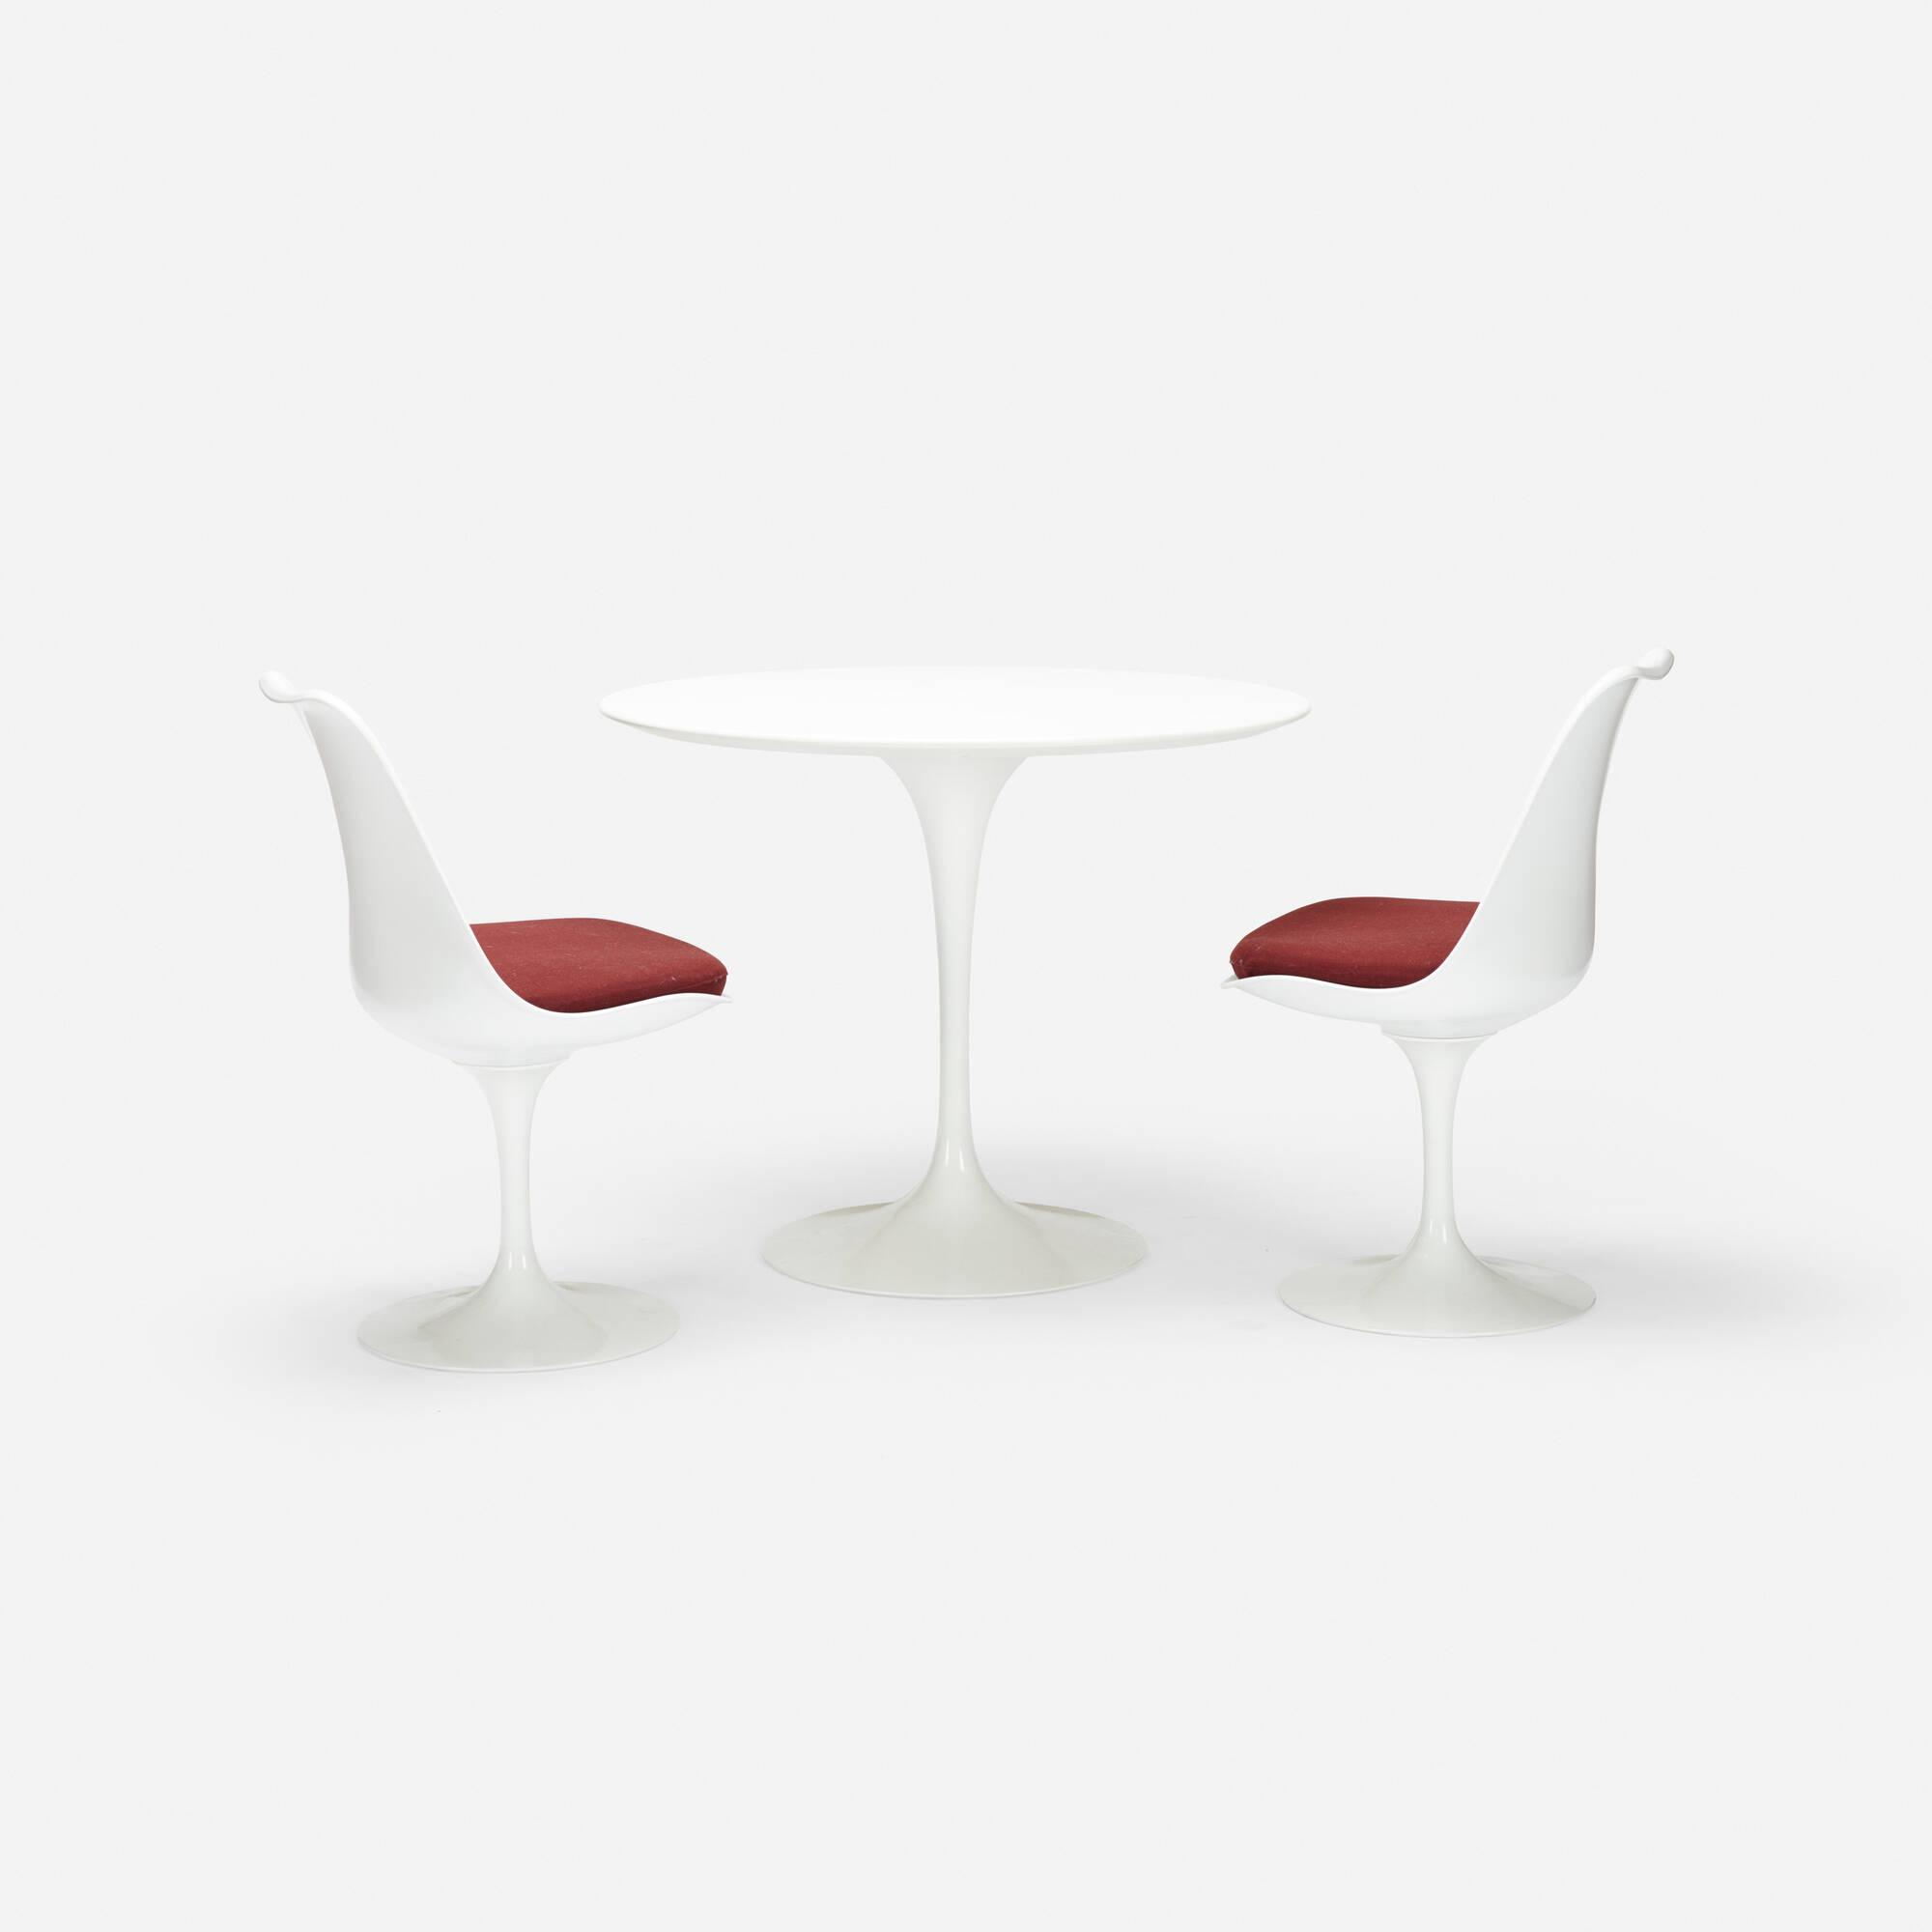 704: Eero Saarinen / dining set (2 of 2)